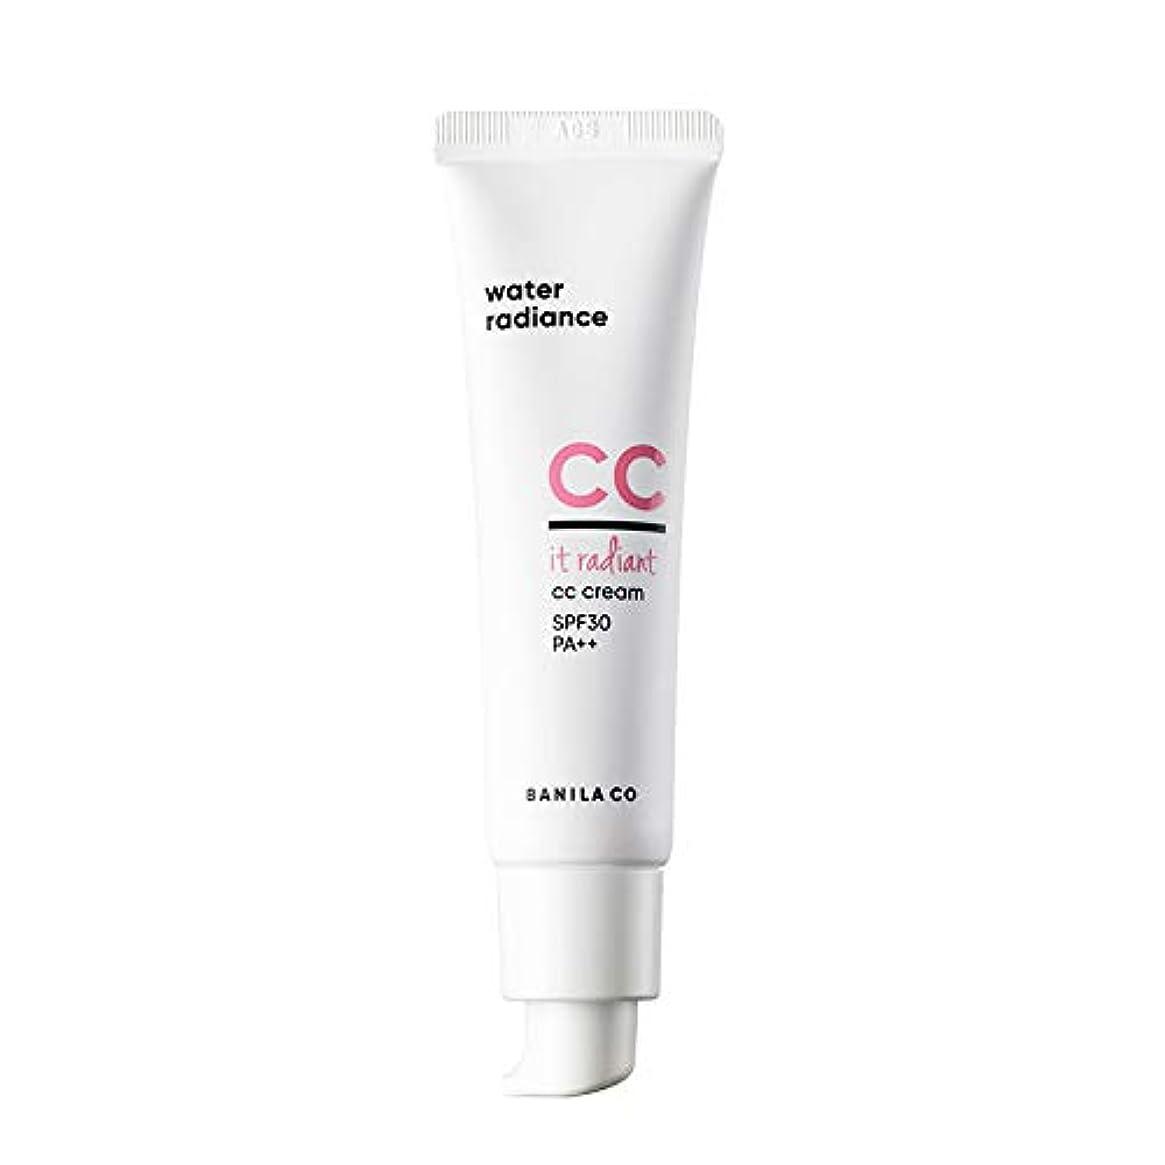 芸術的利用可能平凡BANILA CO(バニラコ) イットレディアント ccクリーム It Radiant CC Cream